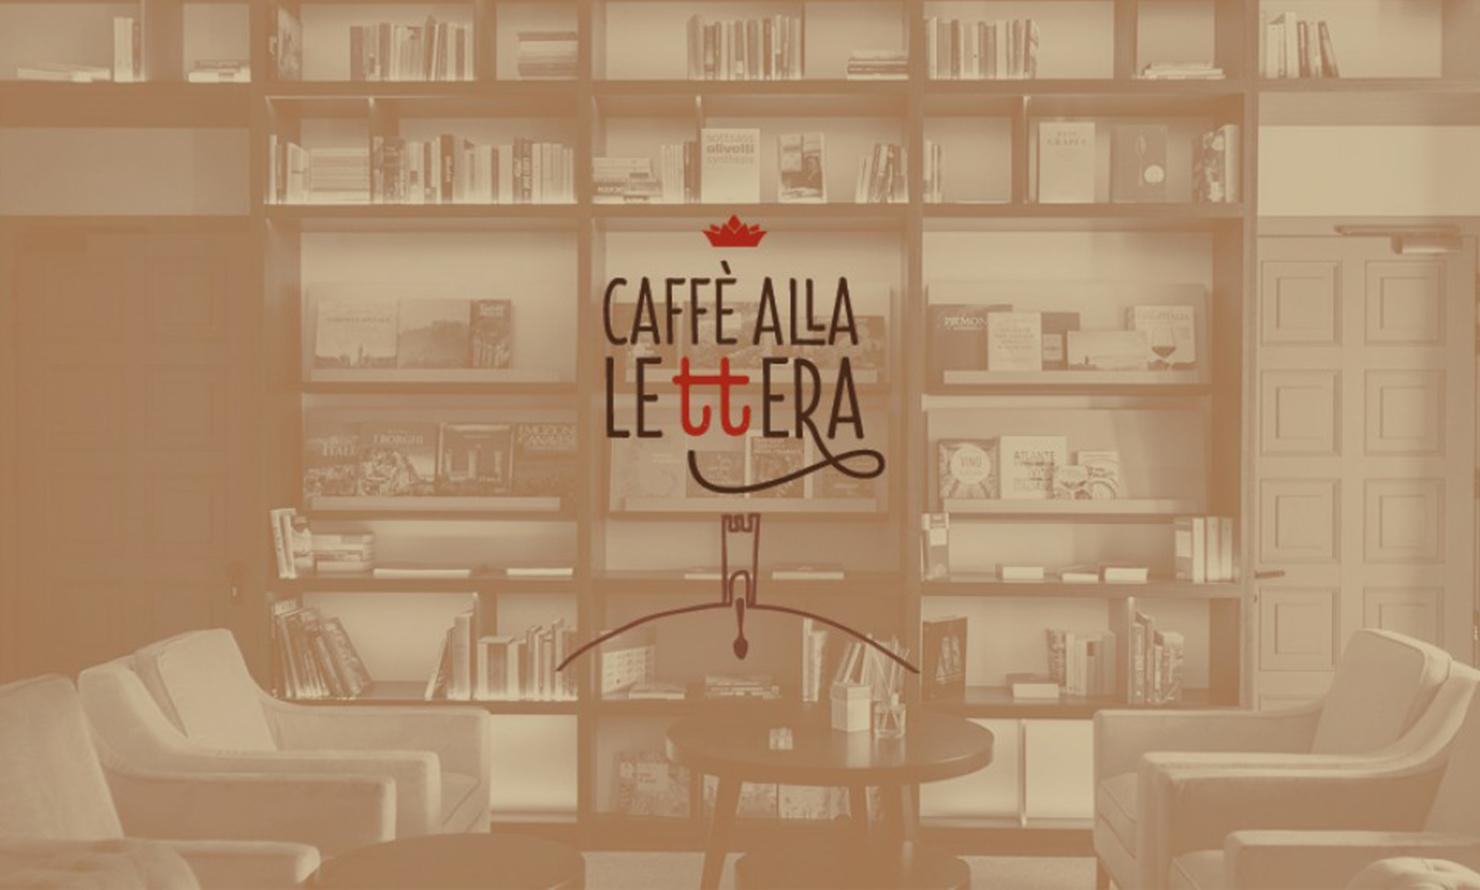 https://www.kubelibre.com/uploads/Slider-work-tutti-clienti/manital-vistaterra-caffè-alla-lettera-la-caffetteria-di-vistaterra-1.jpg